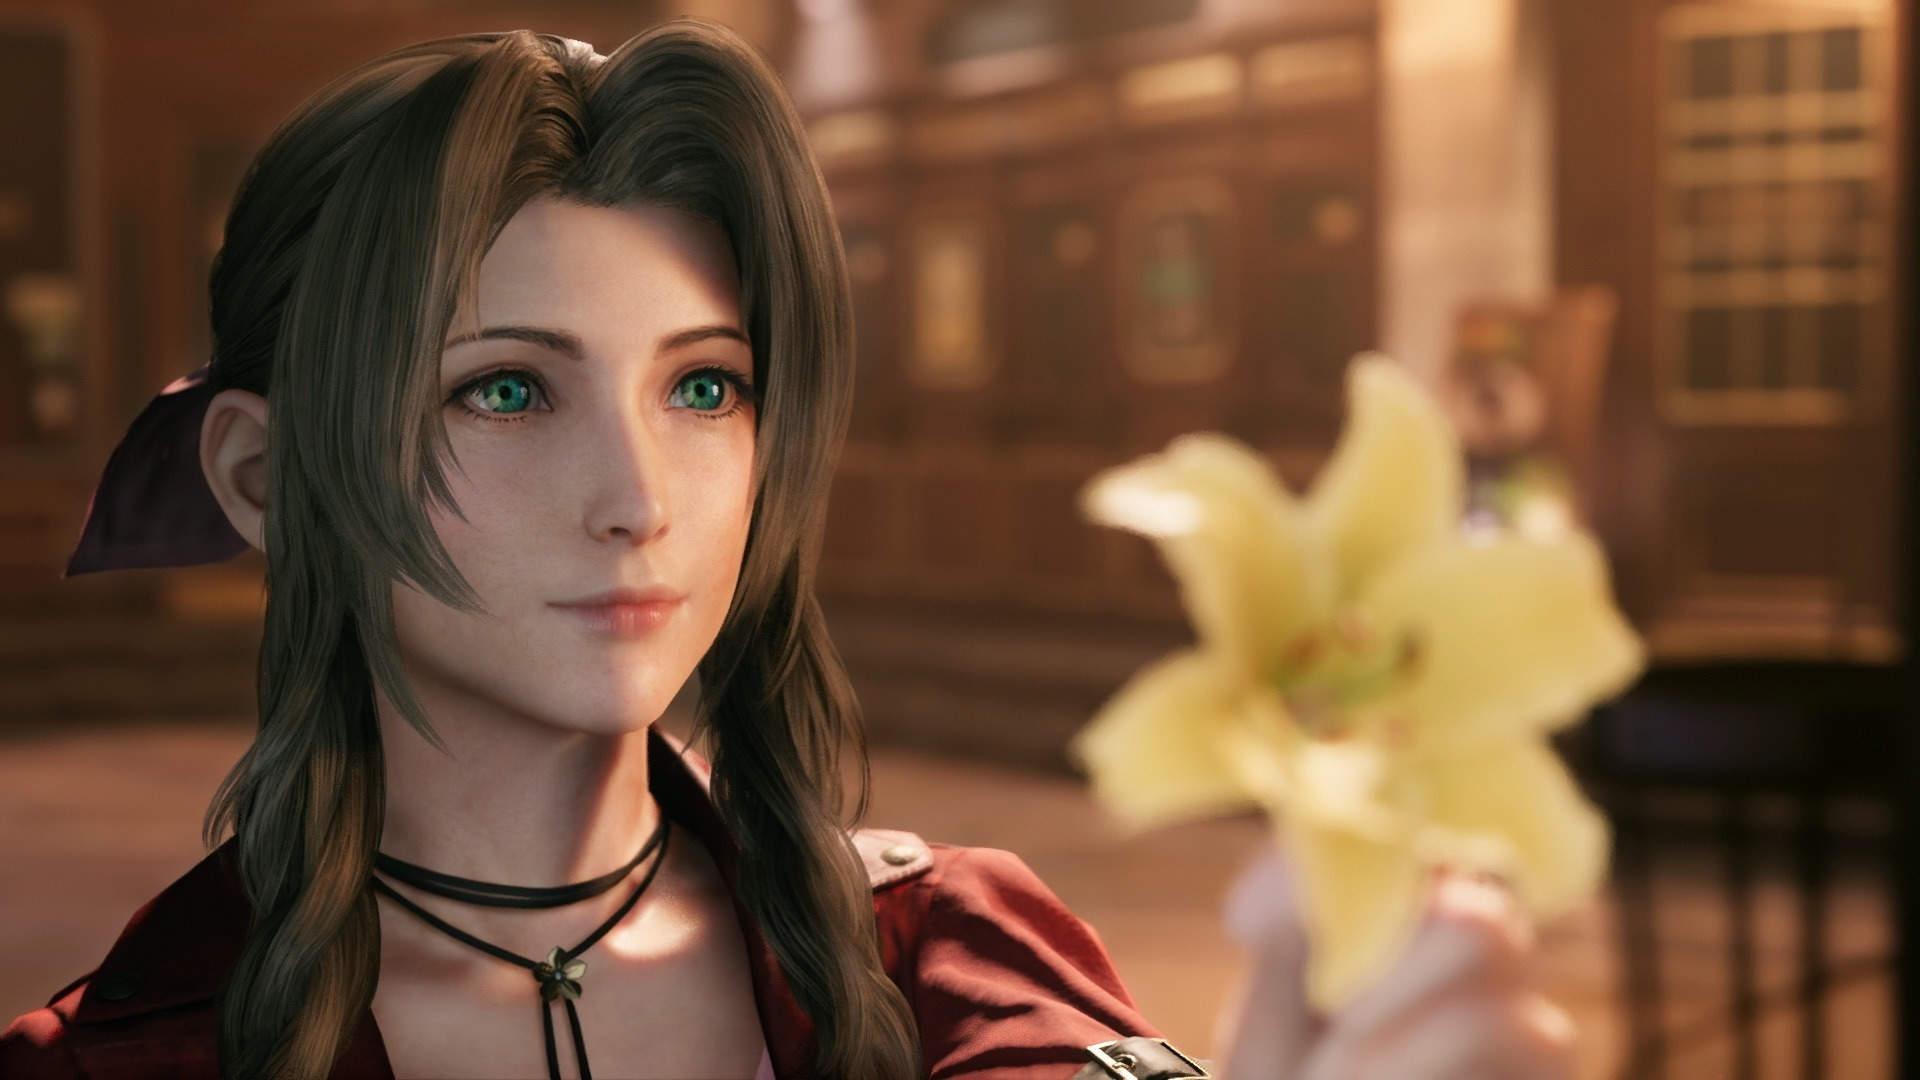 Nareszcie: Square Enix udostępniło wersję demo Final Fantasy VII Remake